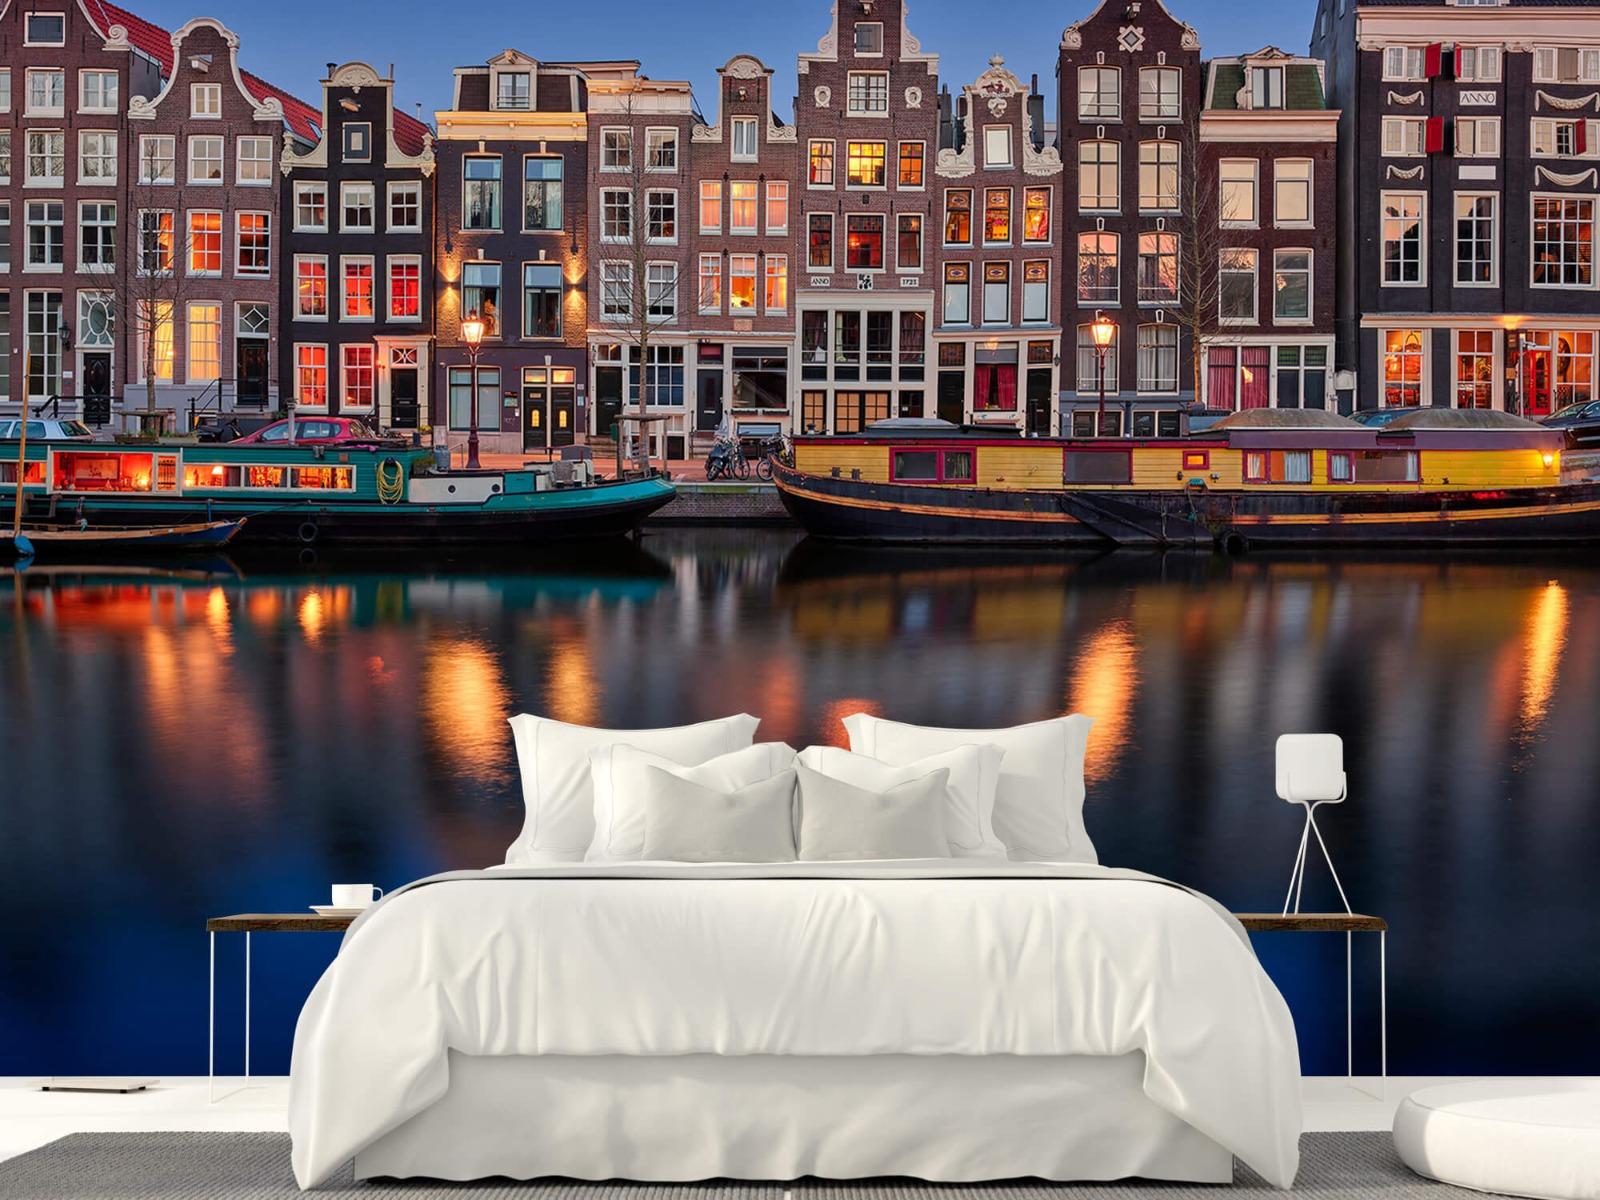 Architectuur - Grachtenpanden Amsterdam - Tienerkamer 23